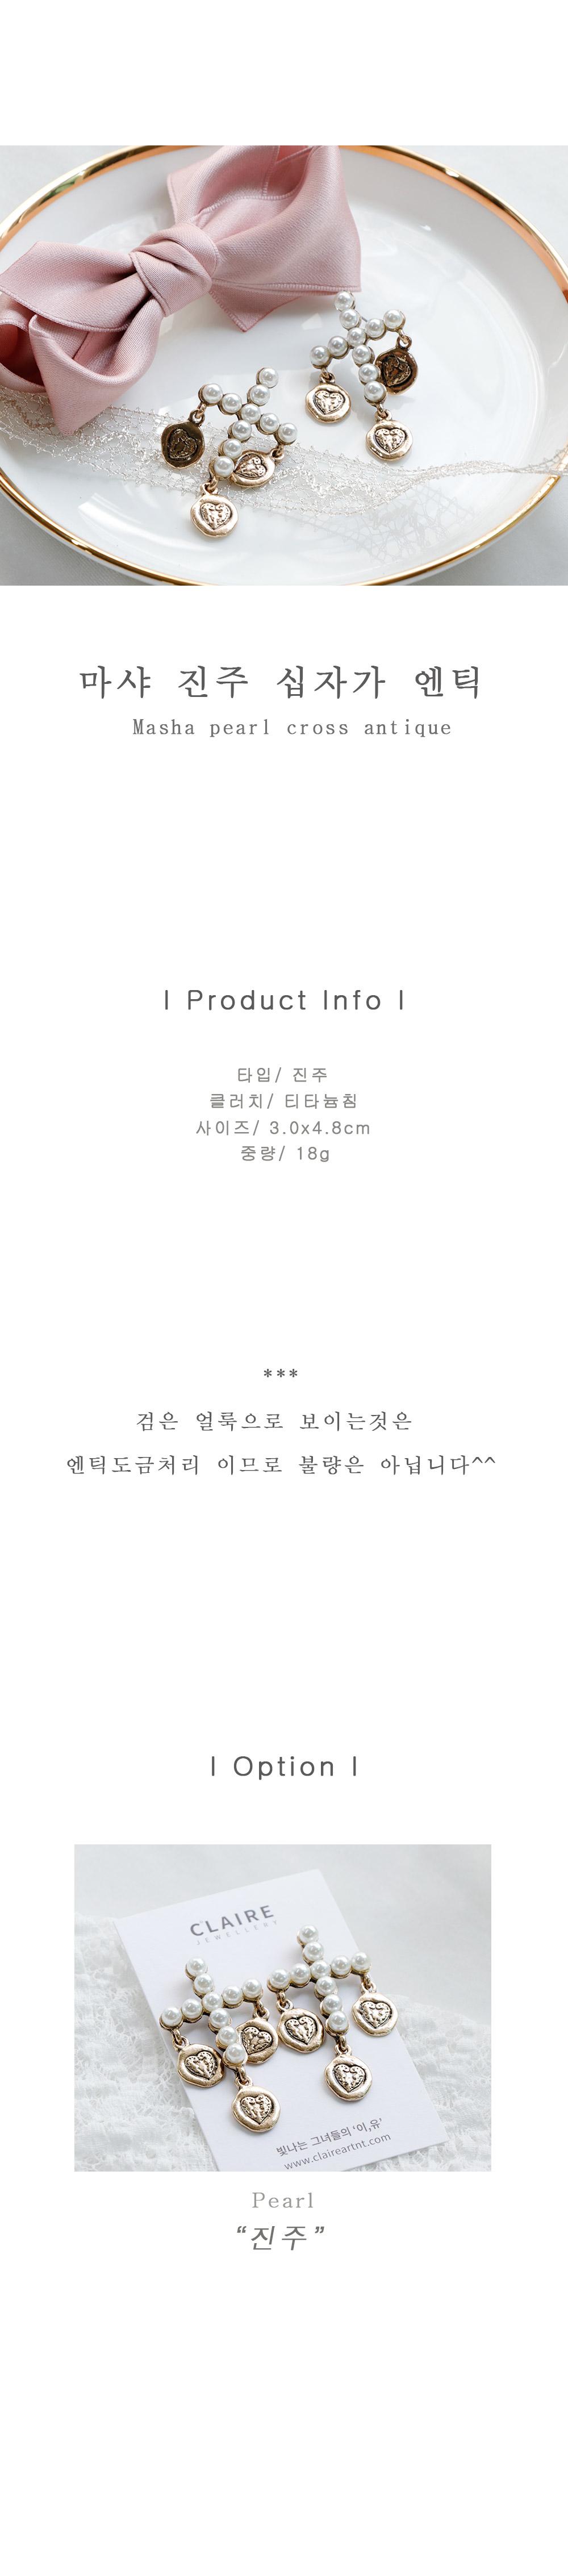 마샤  진주십자가 엔틱드롭귀걸이 - 클레어쥬얼리, 17,000원, 진주/원석, 드롭귀걸이